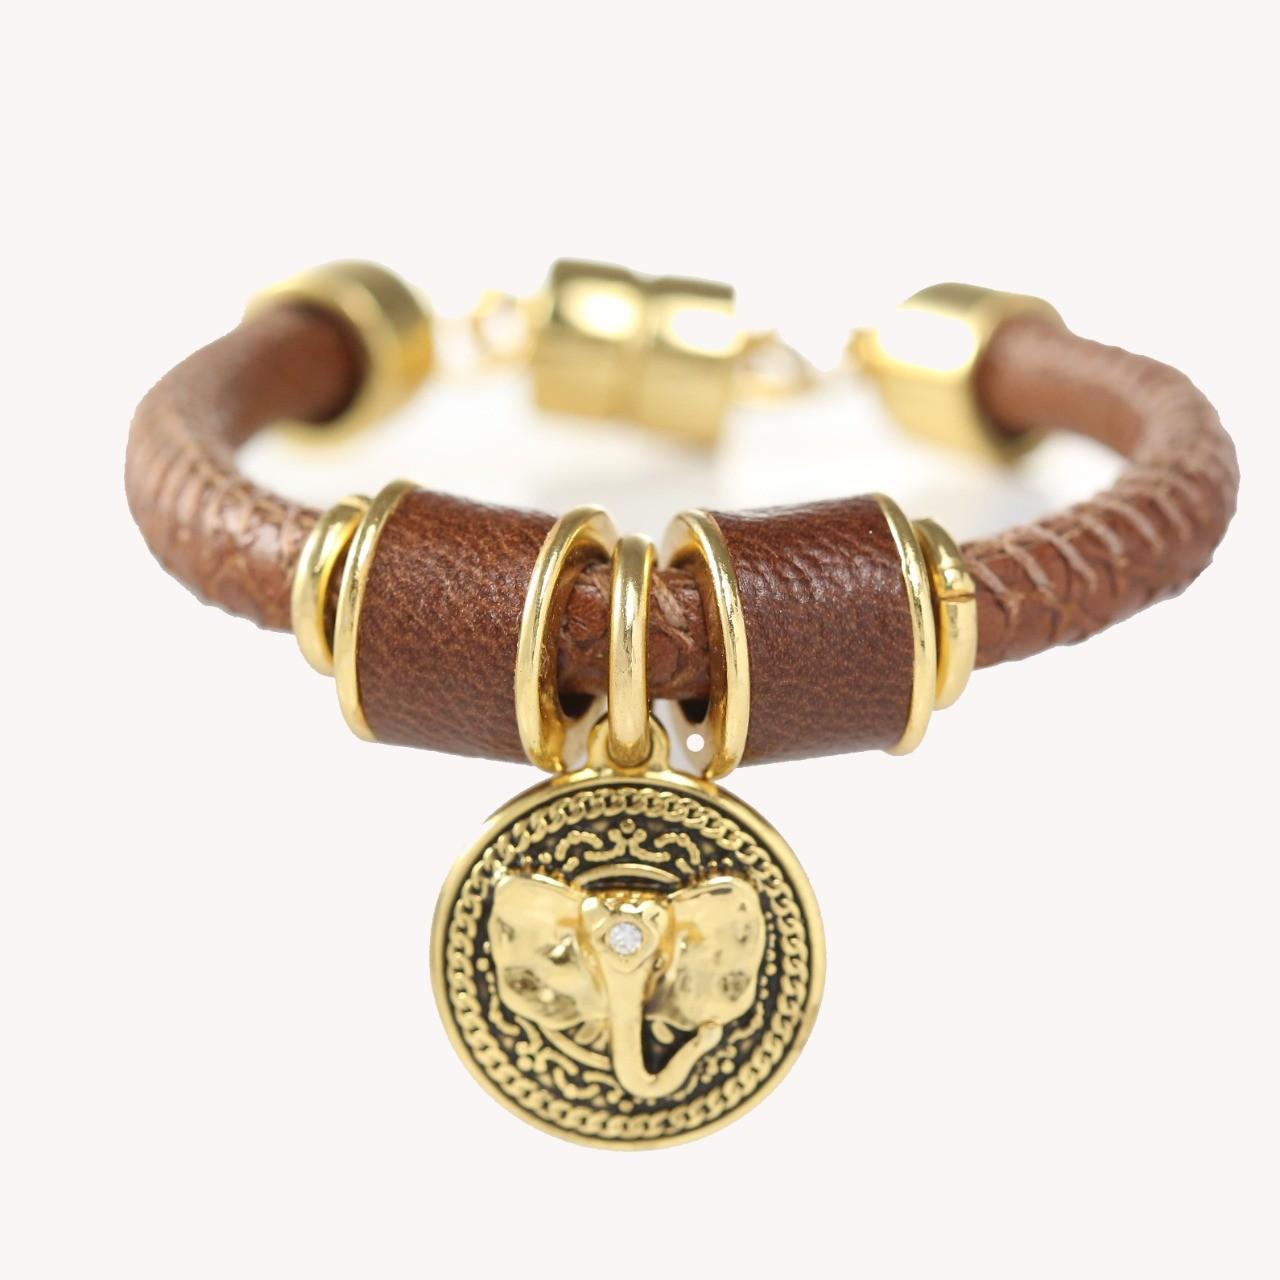 Pulseira Tira Redonda Elefante - Camel Croco com Ouro